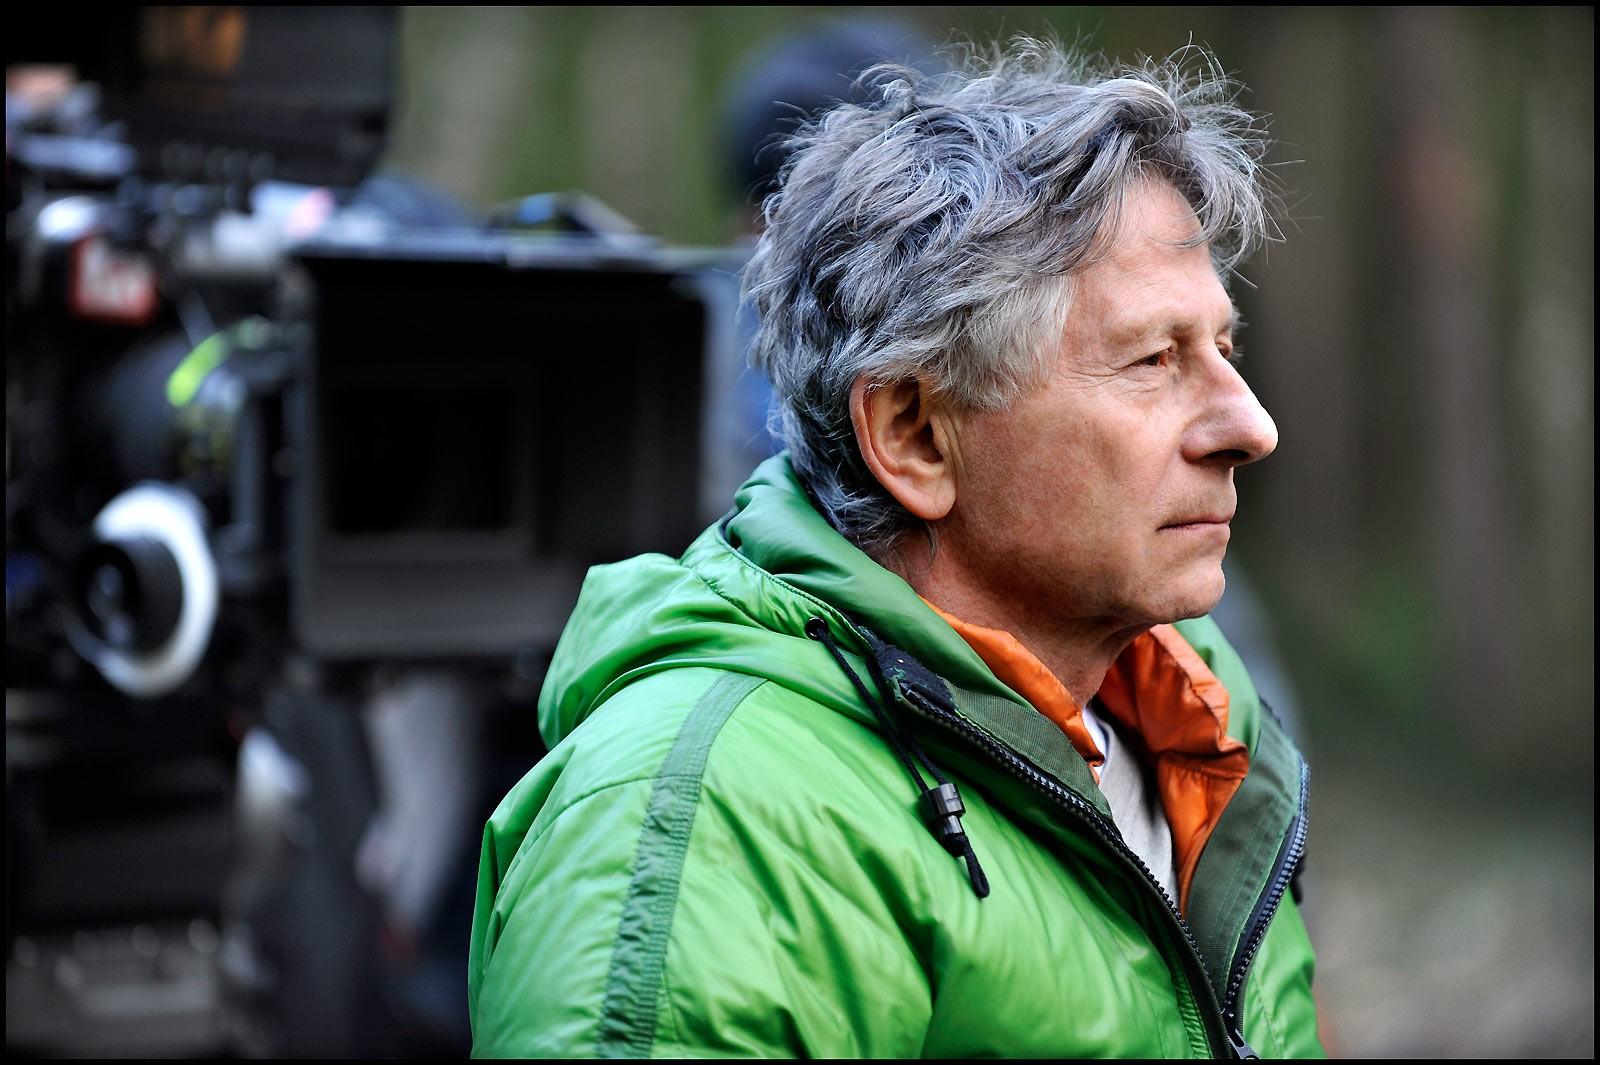 Церемония награждения французской кинопремией «Сезар» пройдет в2015г. без ведущего